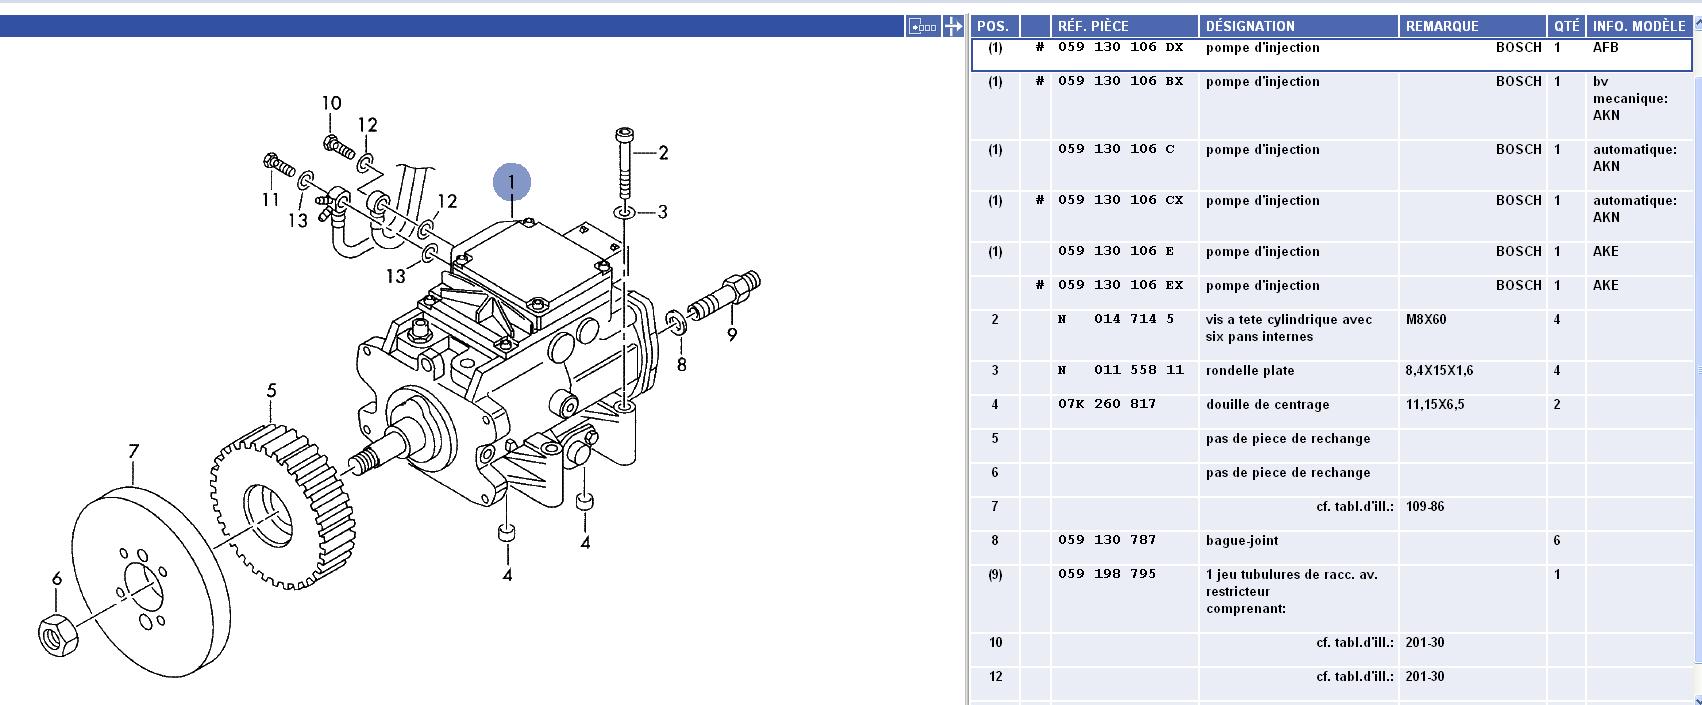 etka-pompe-injection-audi-a6-avant-moteur-afb.png